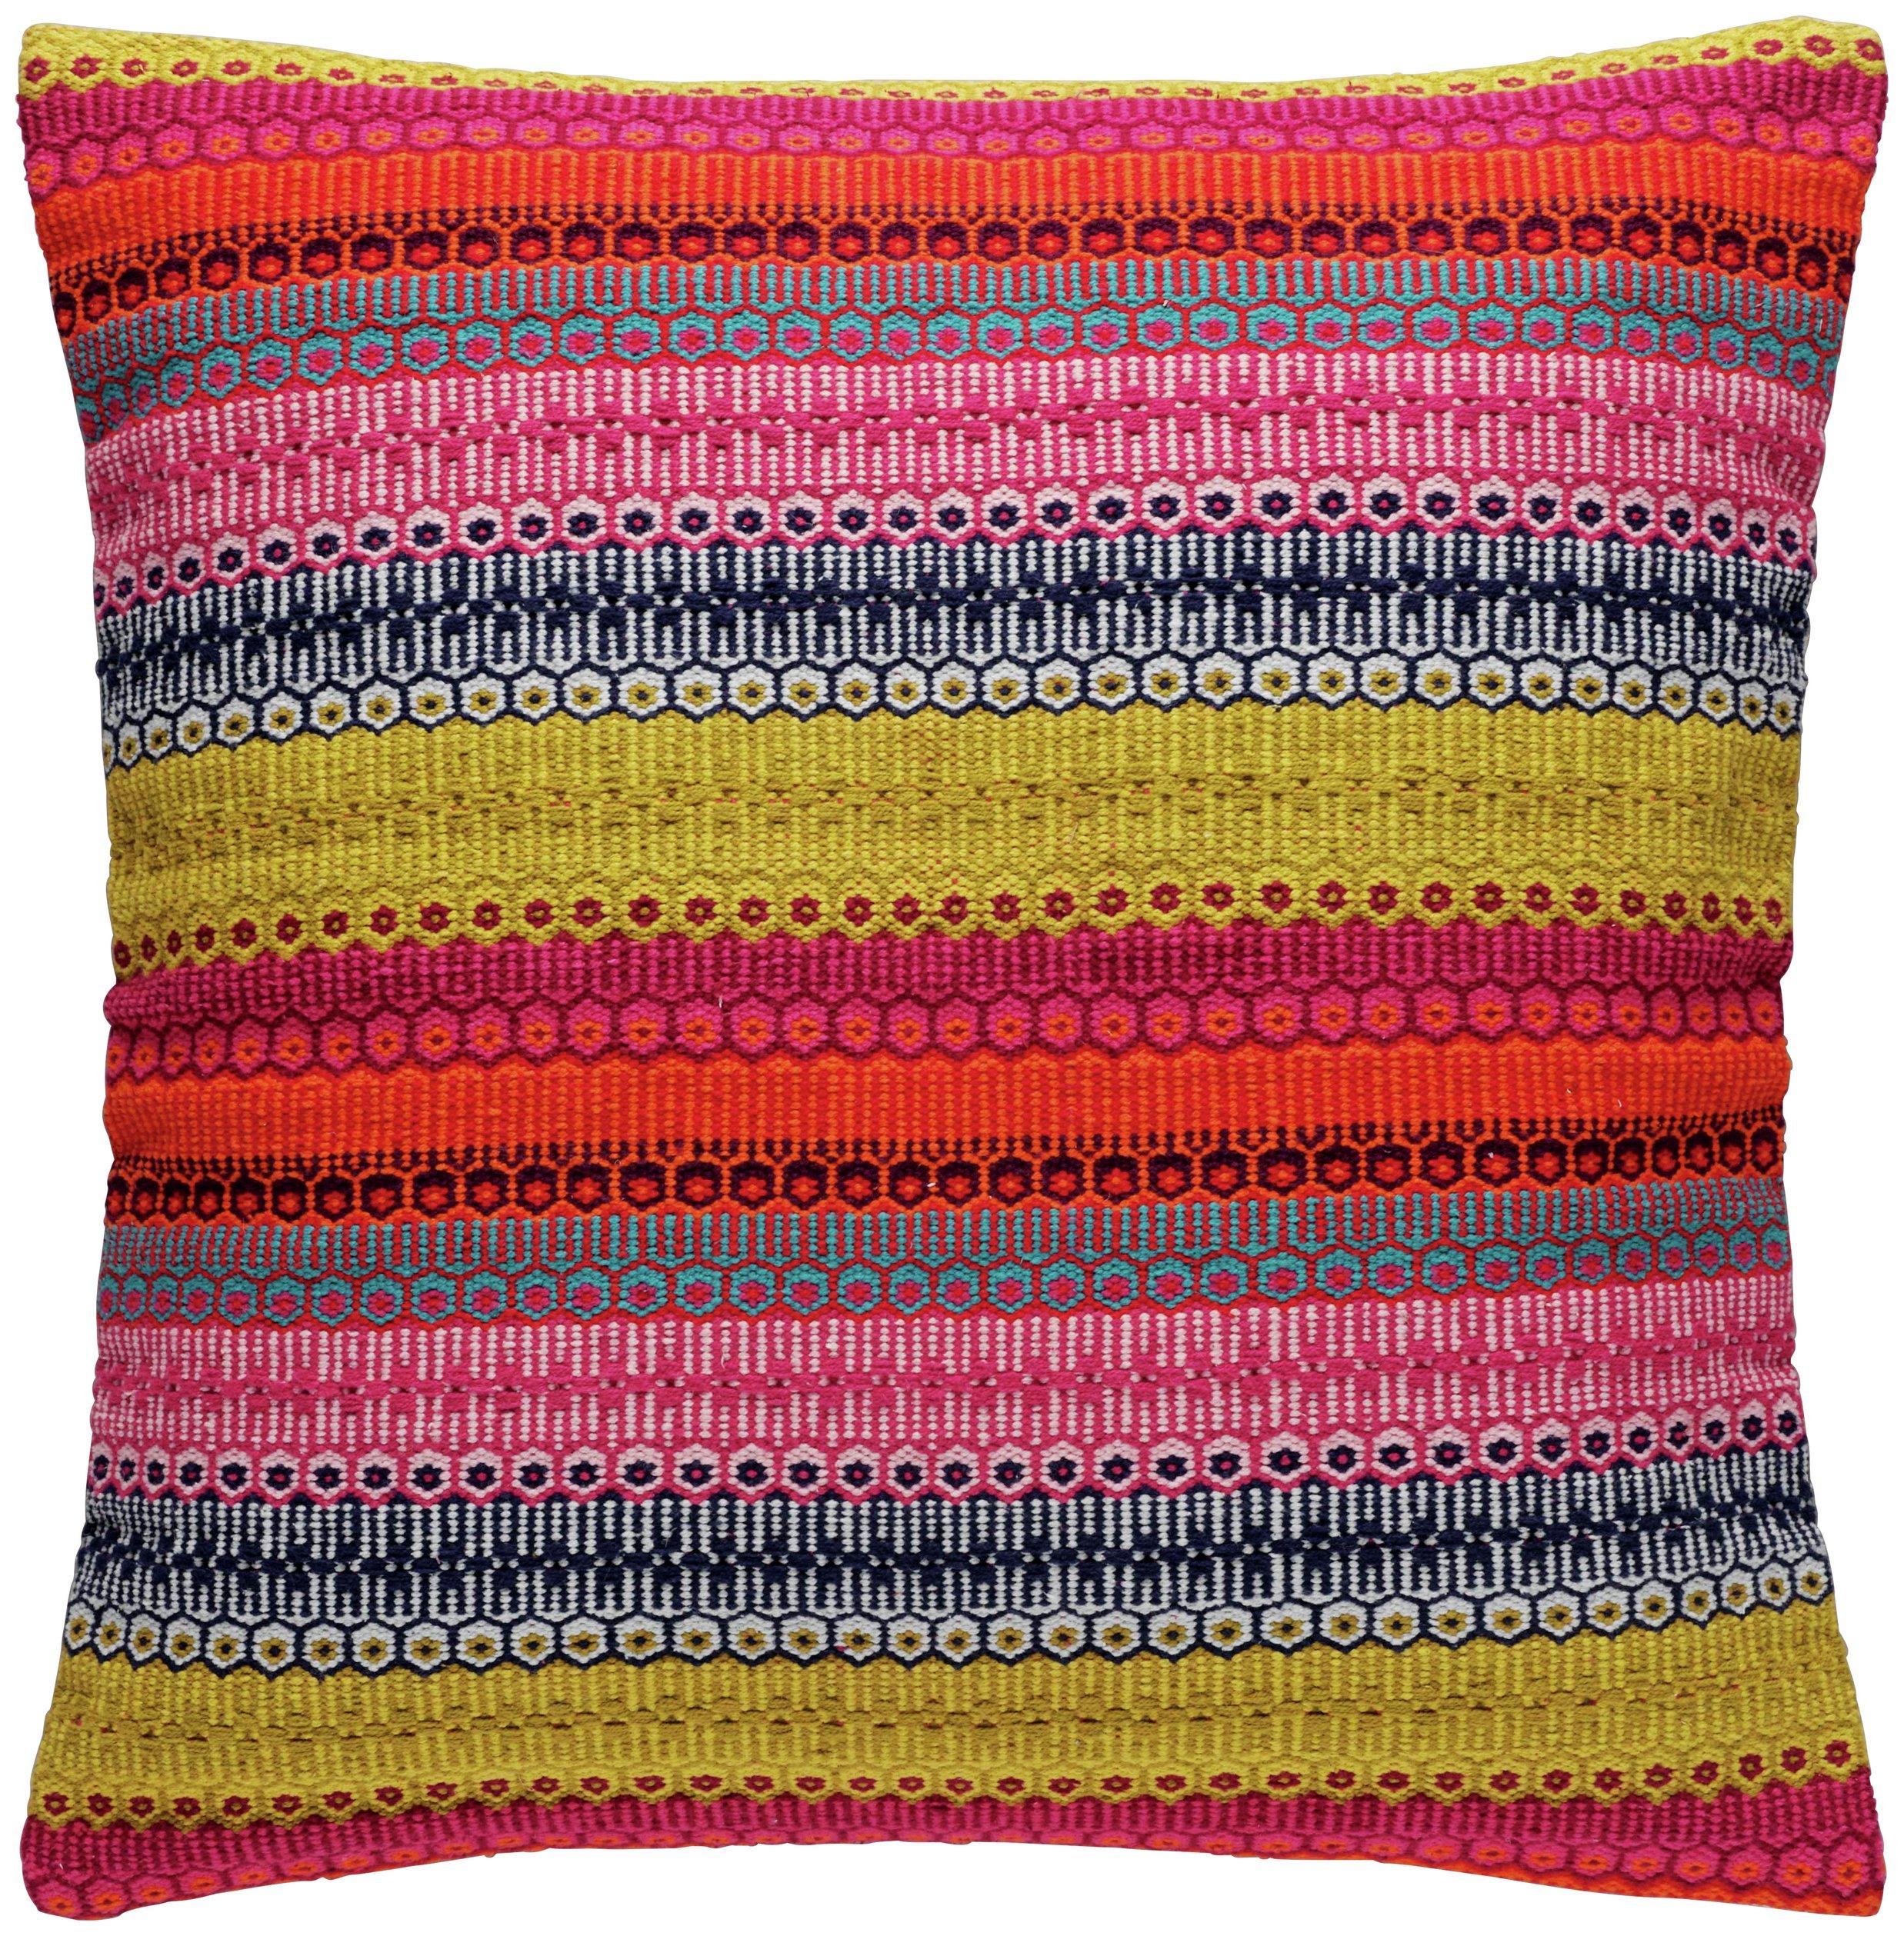 Habitat Agnes Cushion 60x60cm - Multicoloured